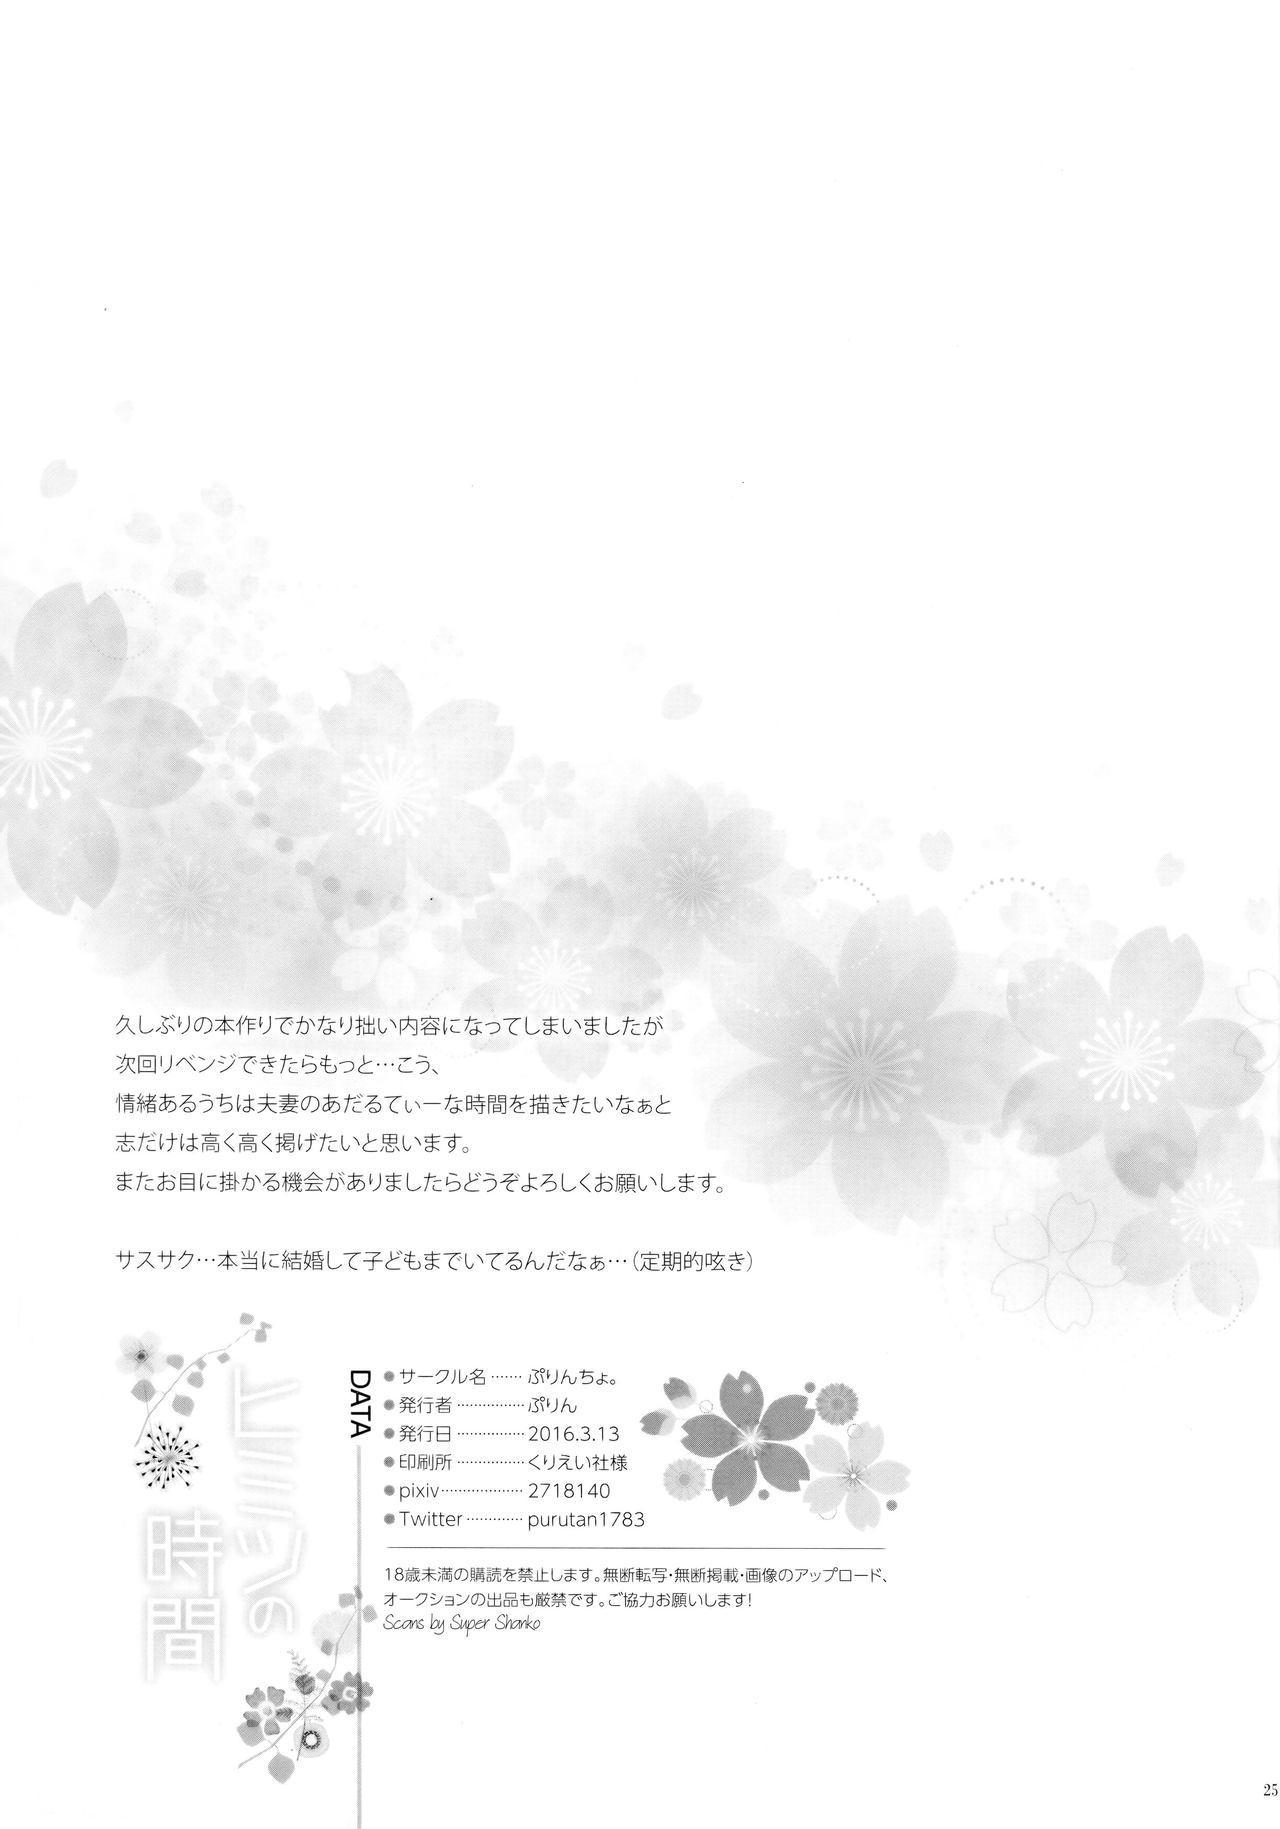 Himitsu no Jikan 23